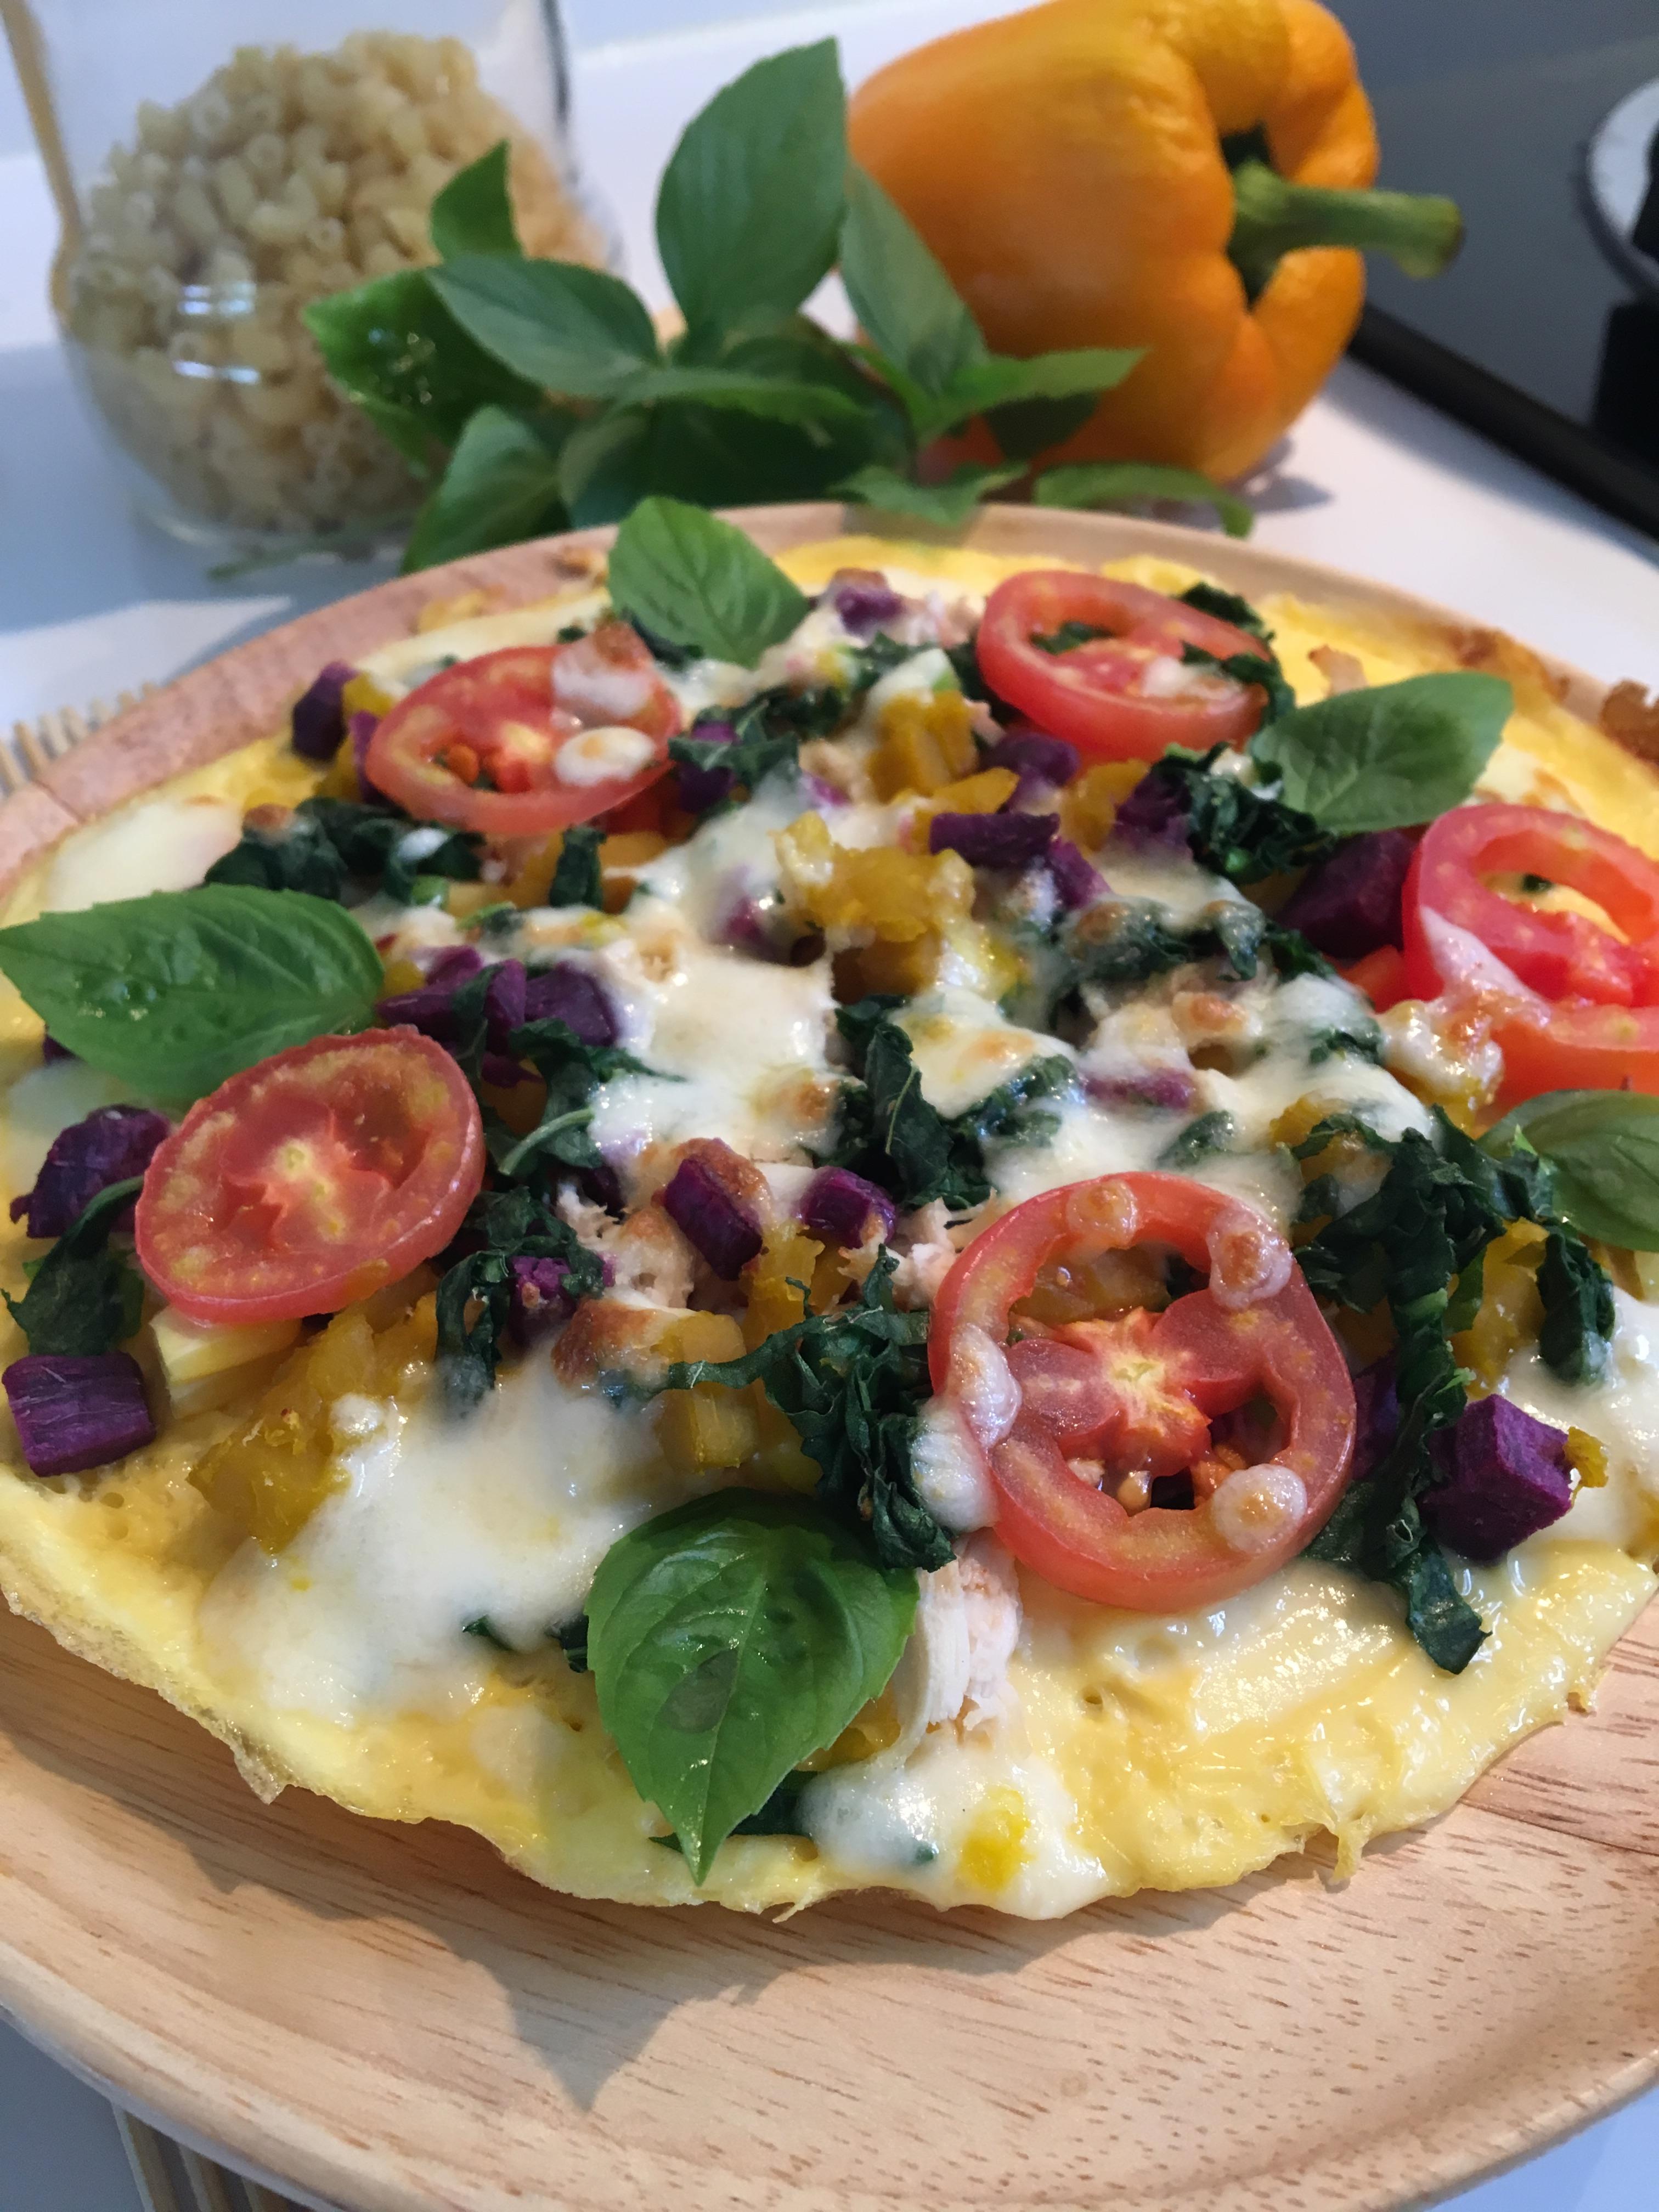 พิซซ่าไข่ผักรวม สูตรอาหาร วิธีทำ แม่บ้าน